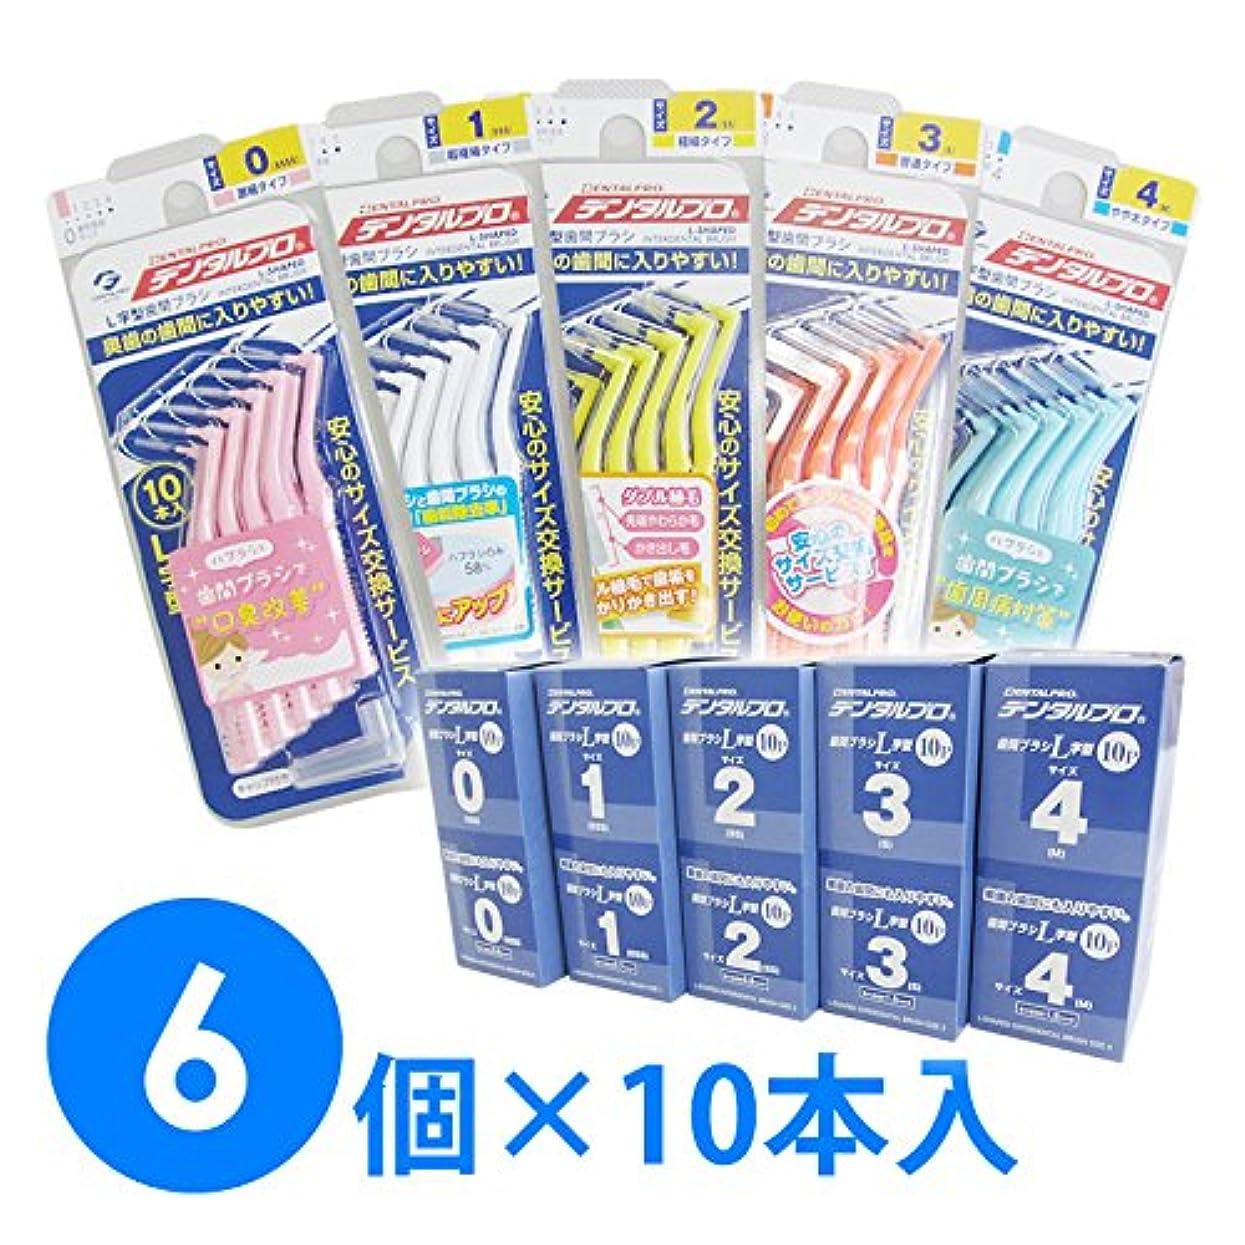 腰スリーブ魔術【6個1箱】デンタルプロ 歯間ブラシL字型 10本入り×6個 (M(4)ブルー)